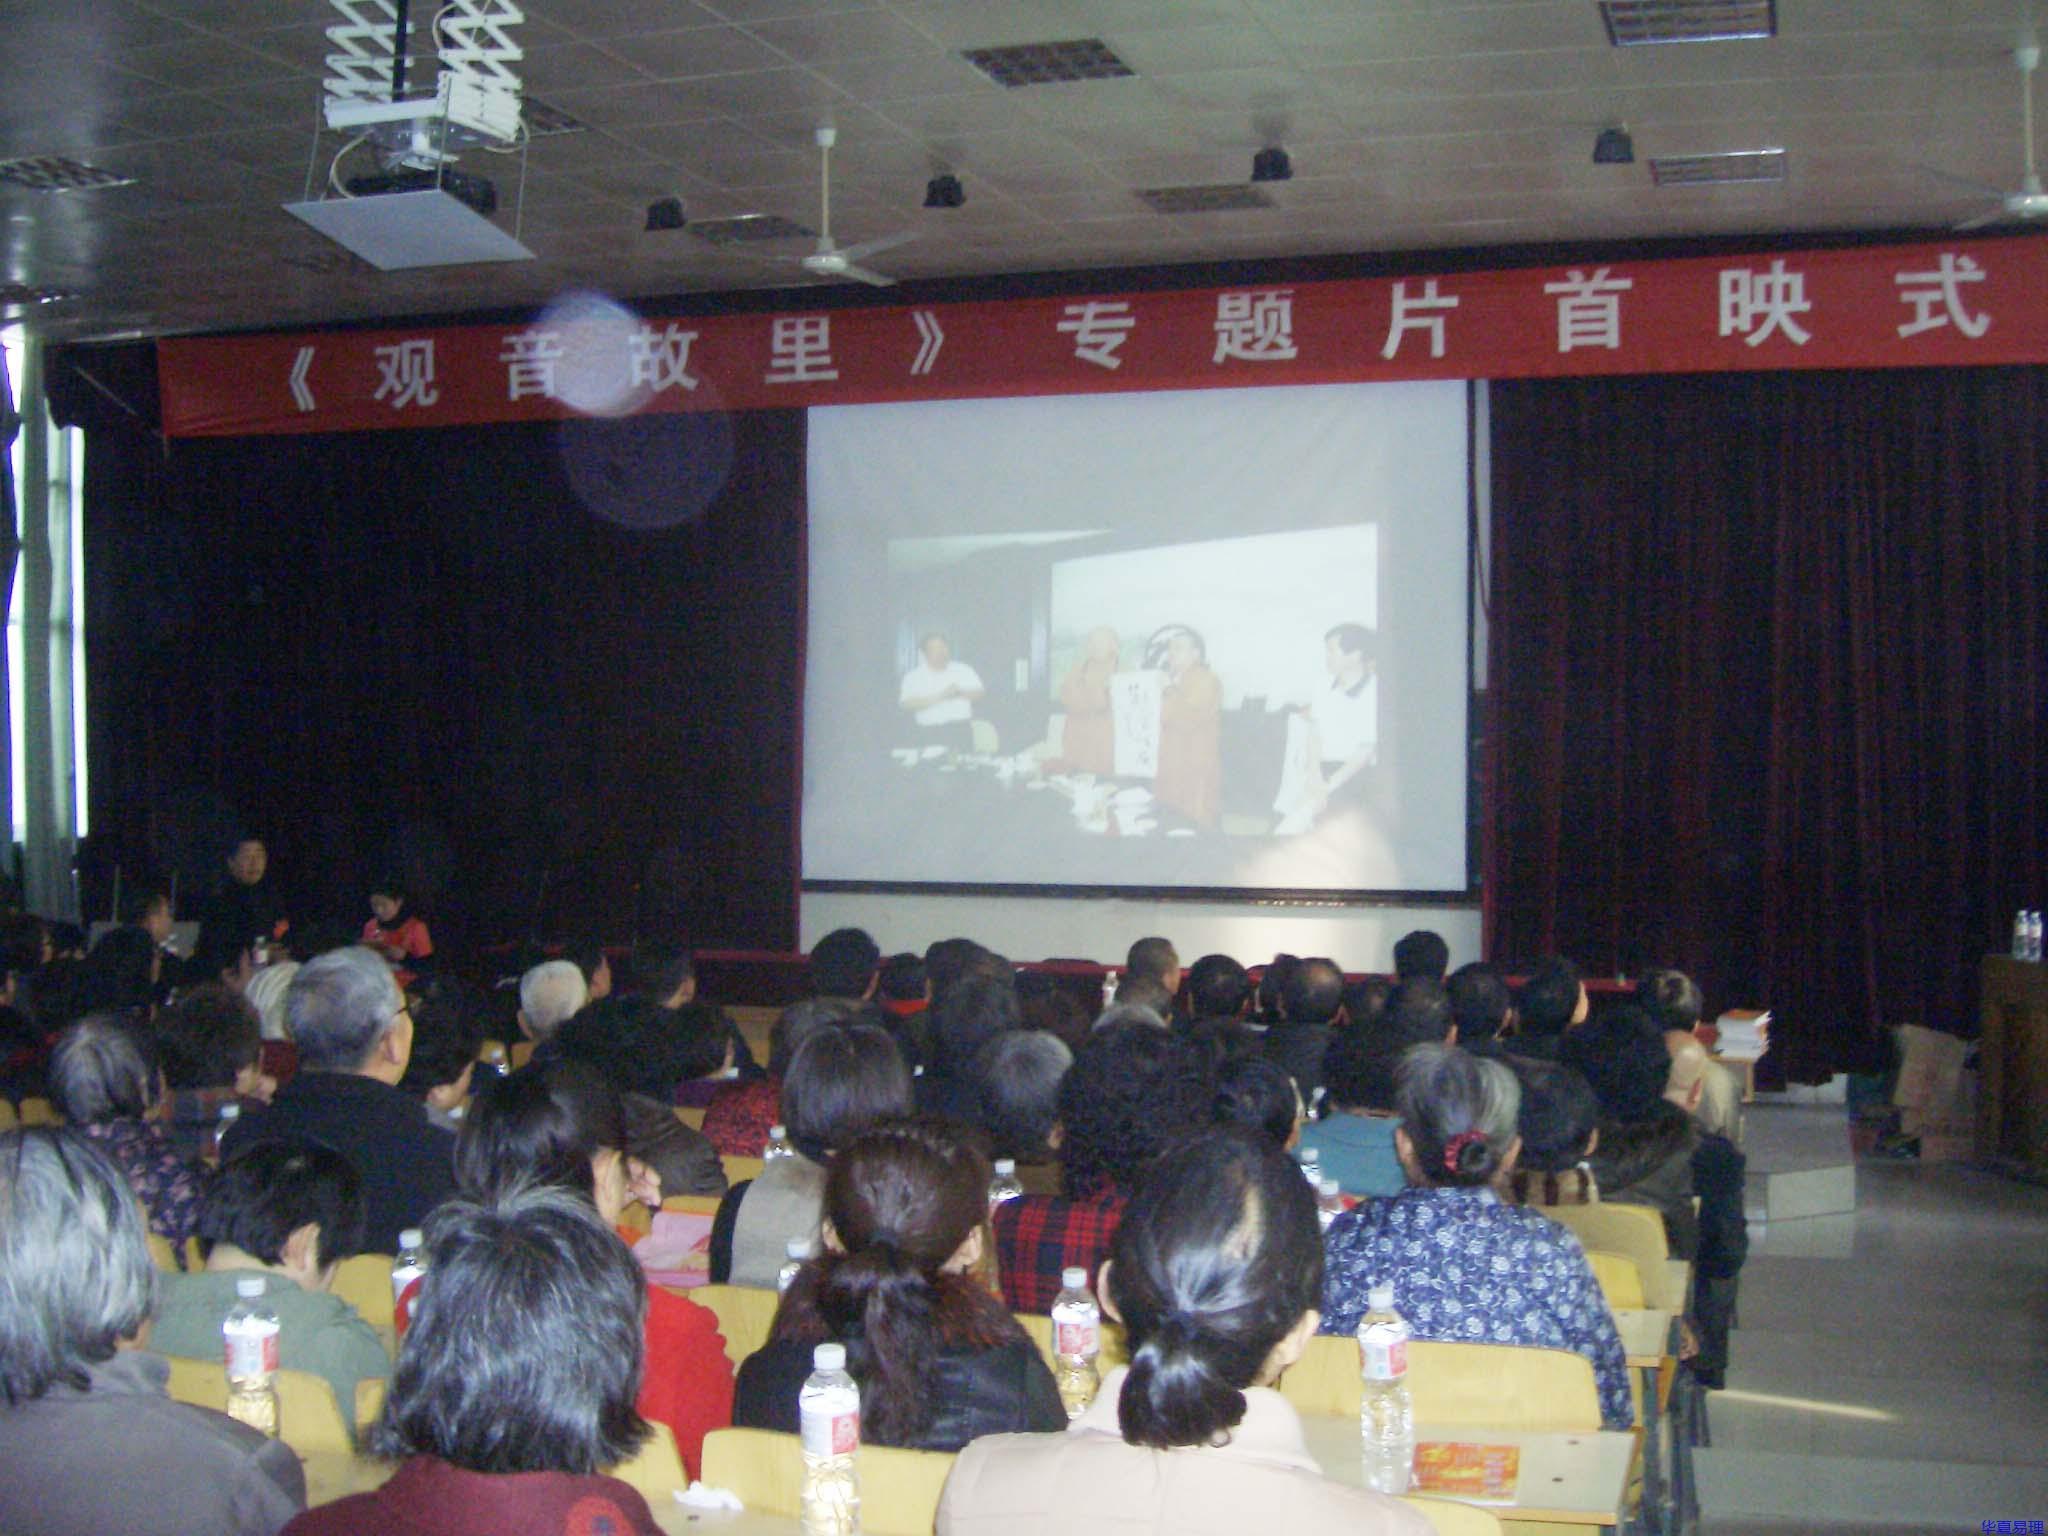 本院院长姜智元国学文化活动掠影之二